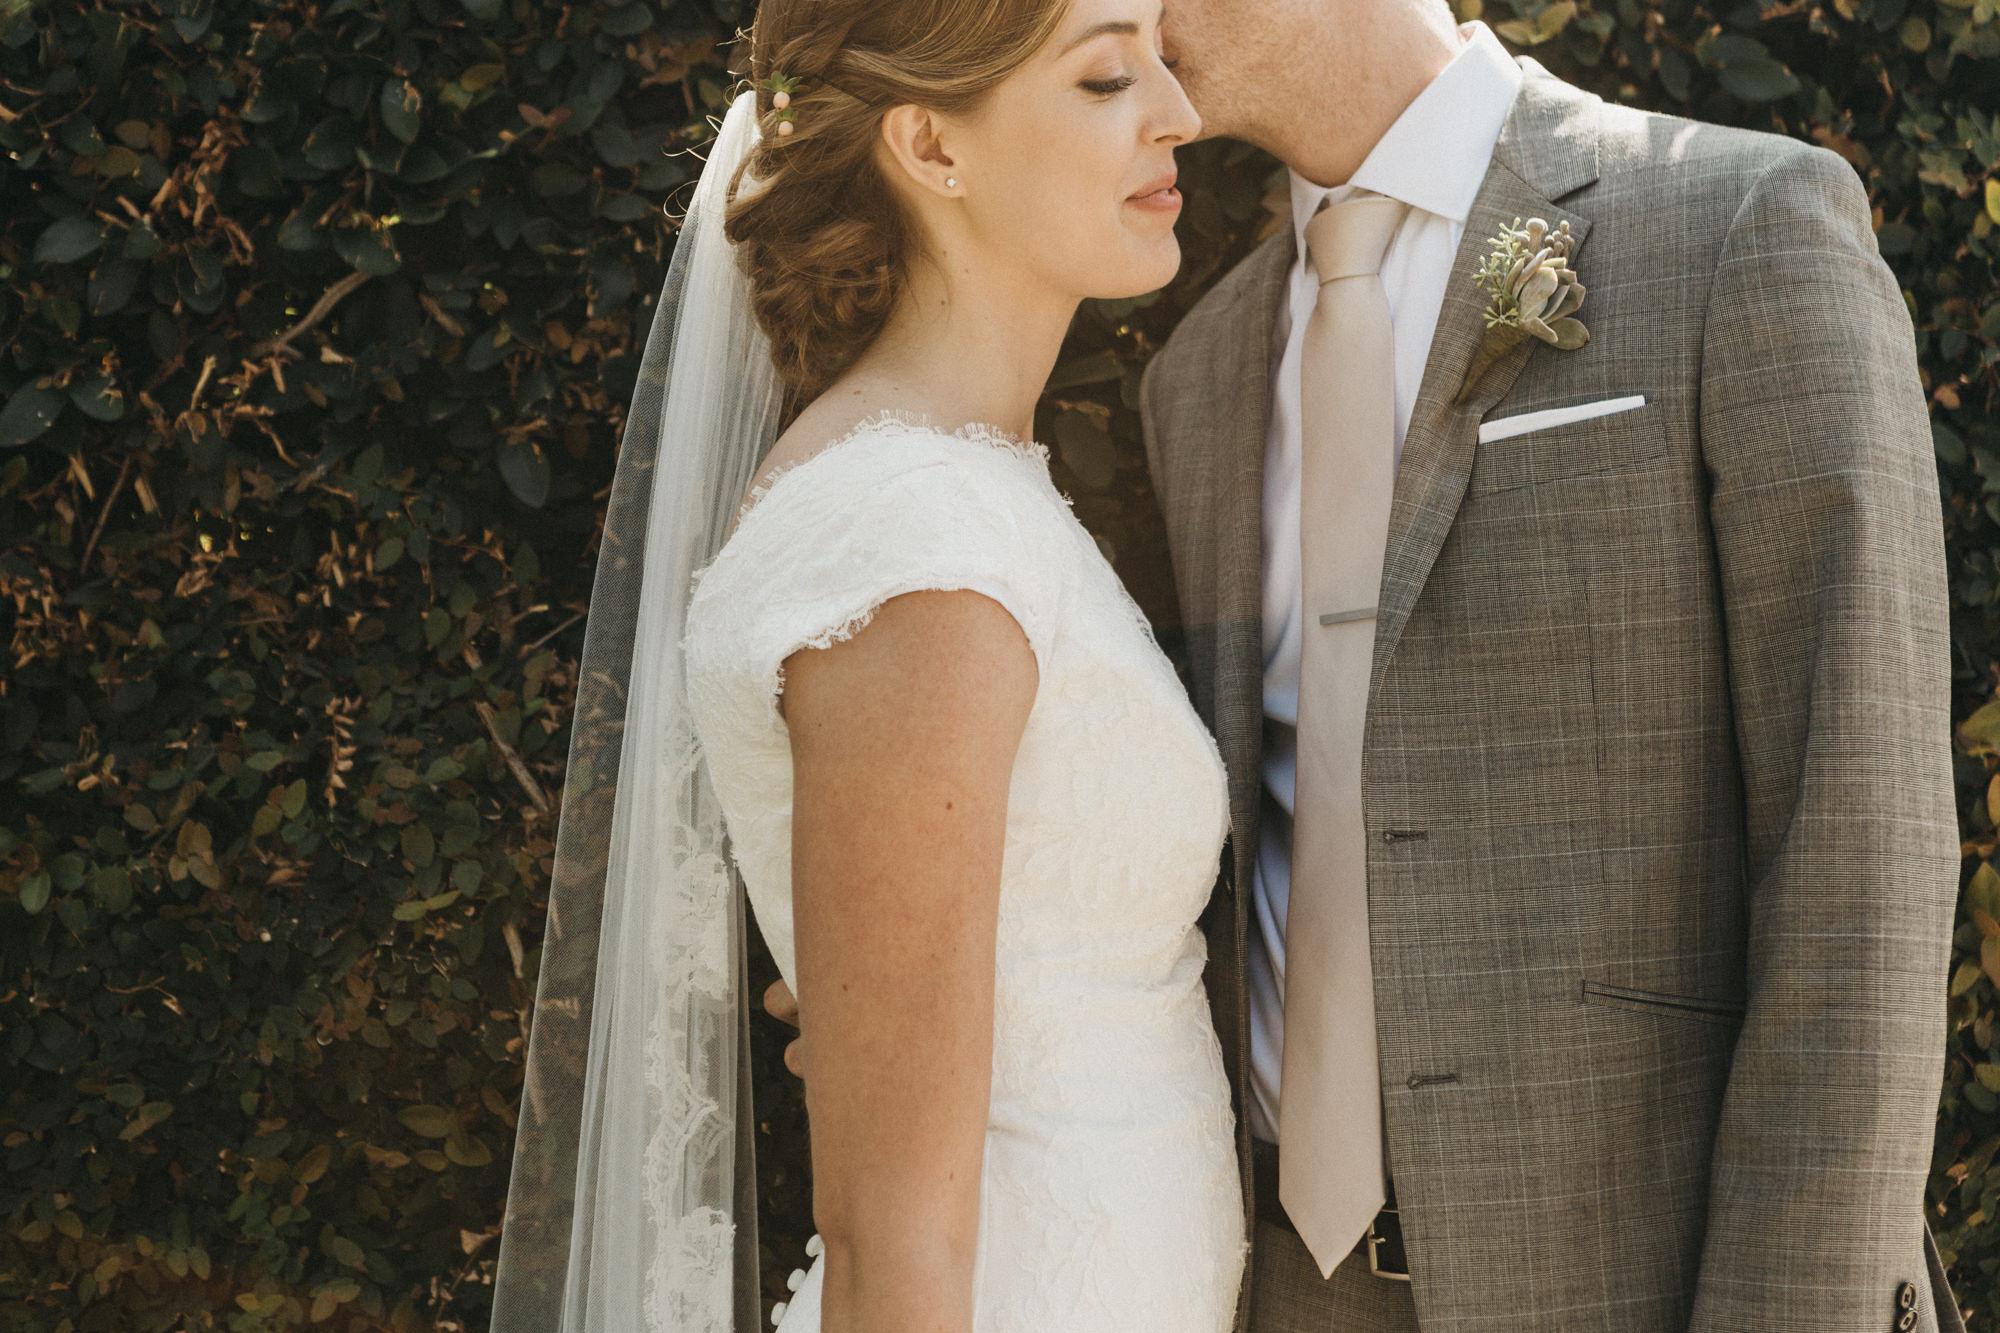 los_angeles_mormon_temple_wedding-8.jpg